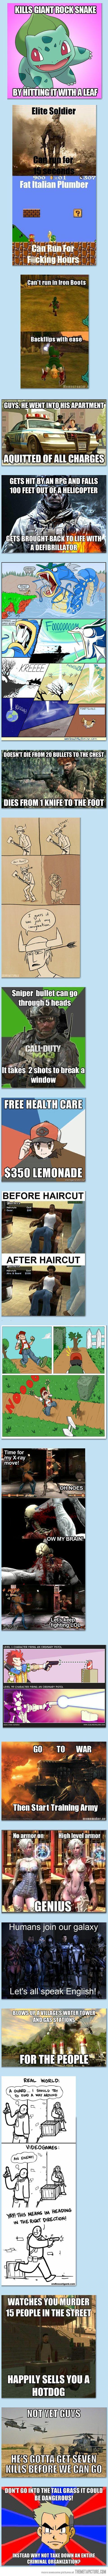 Video Game Logic: